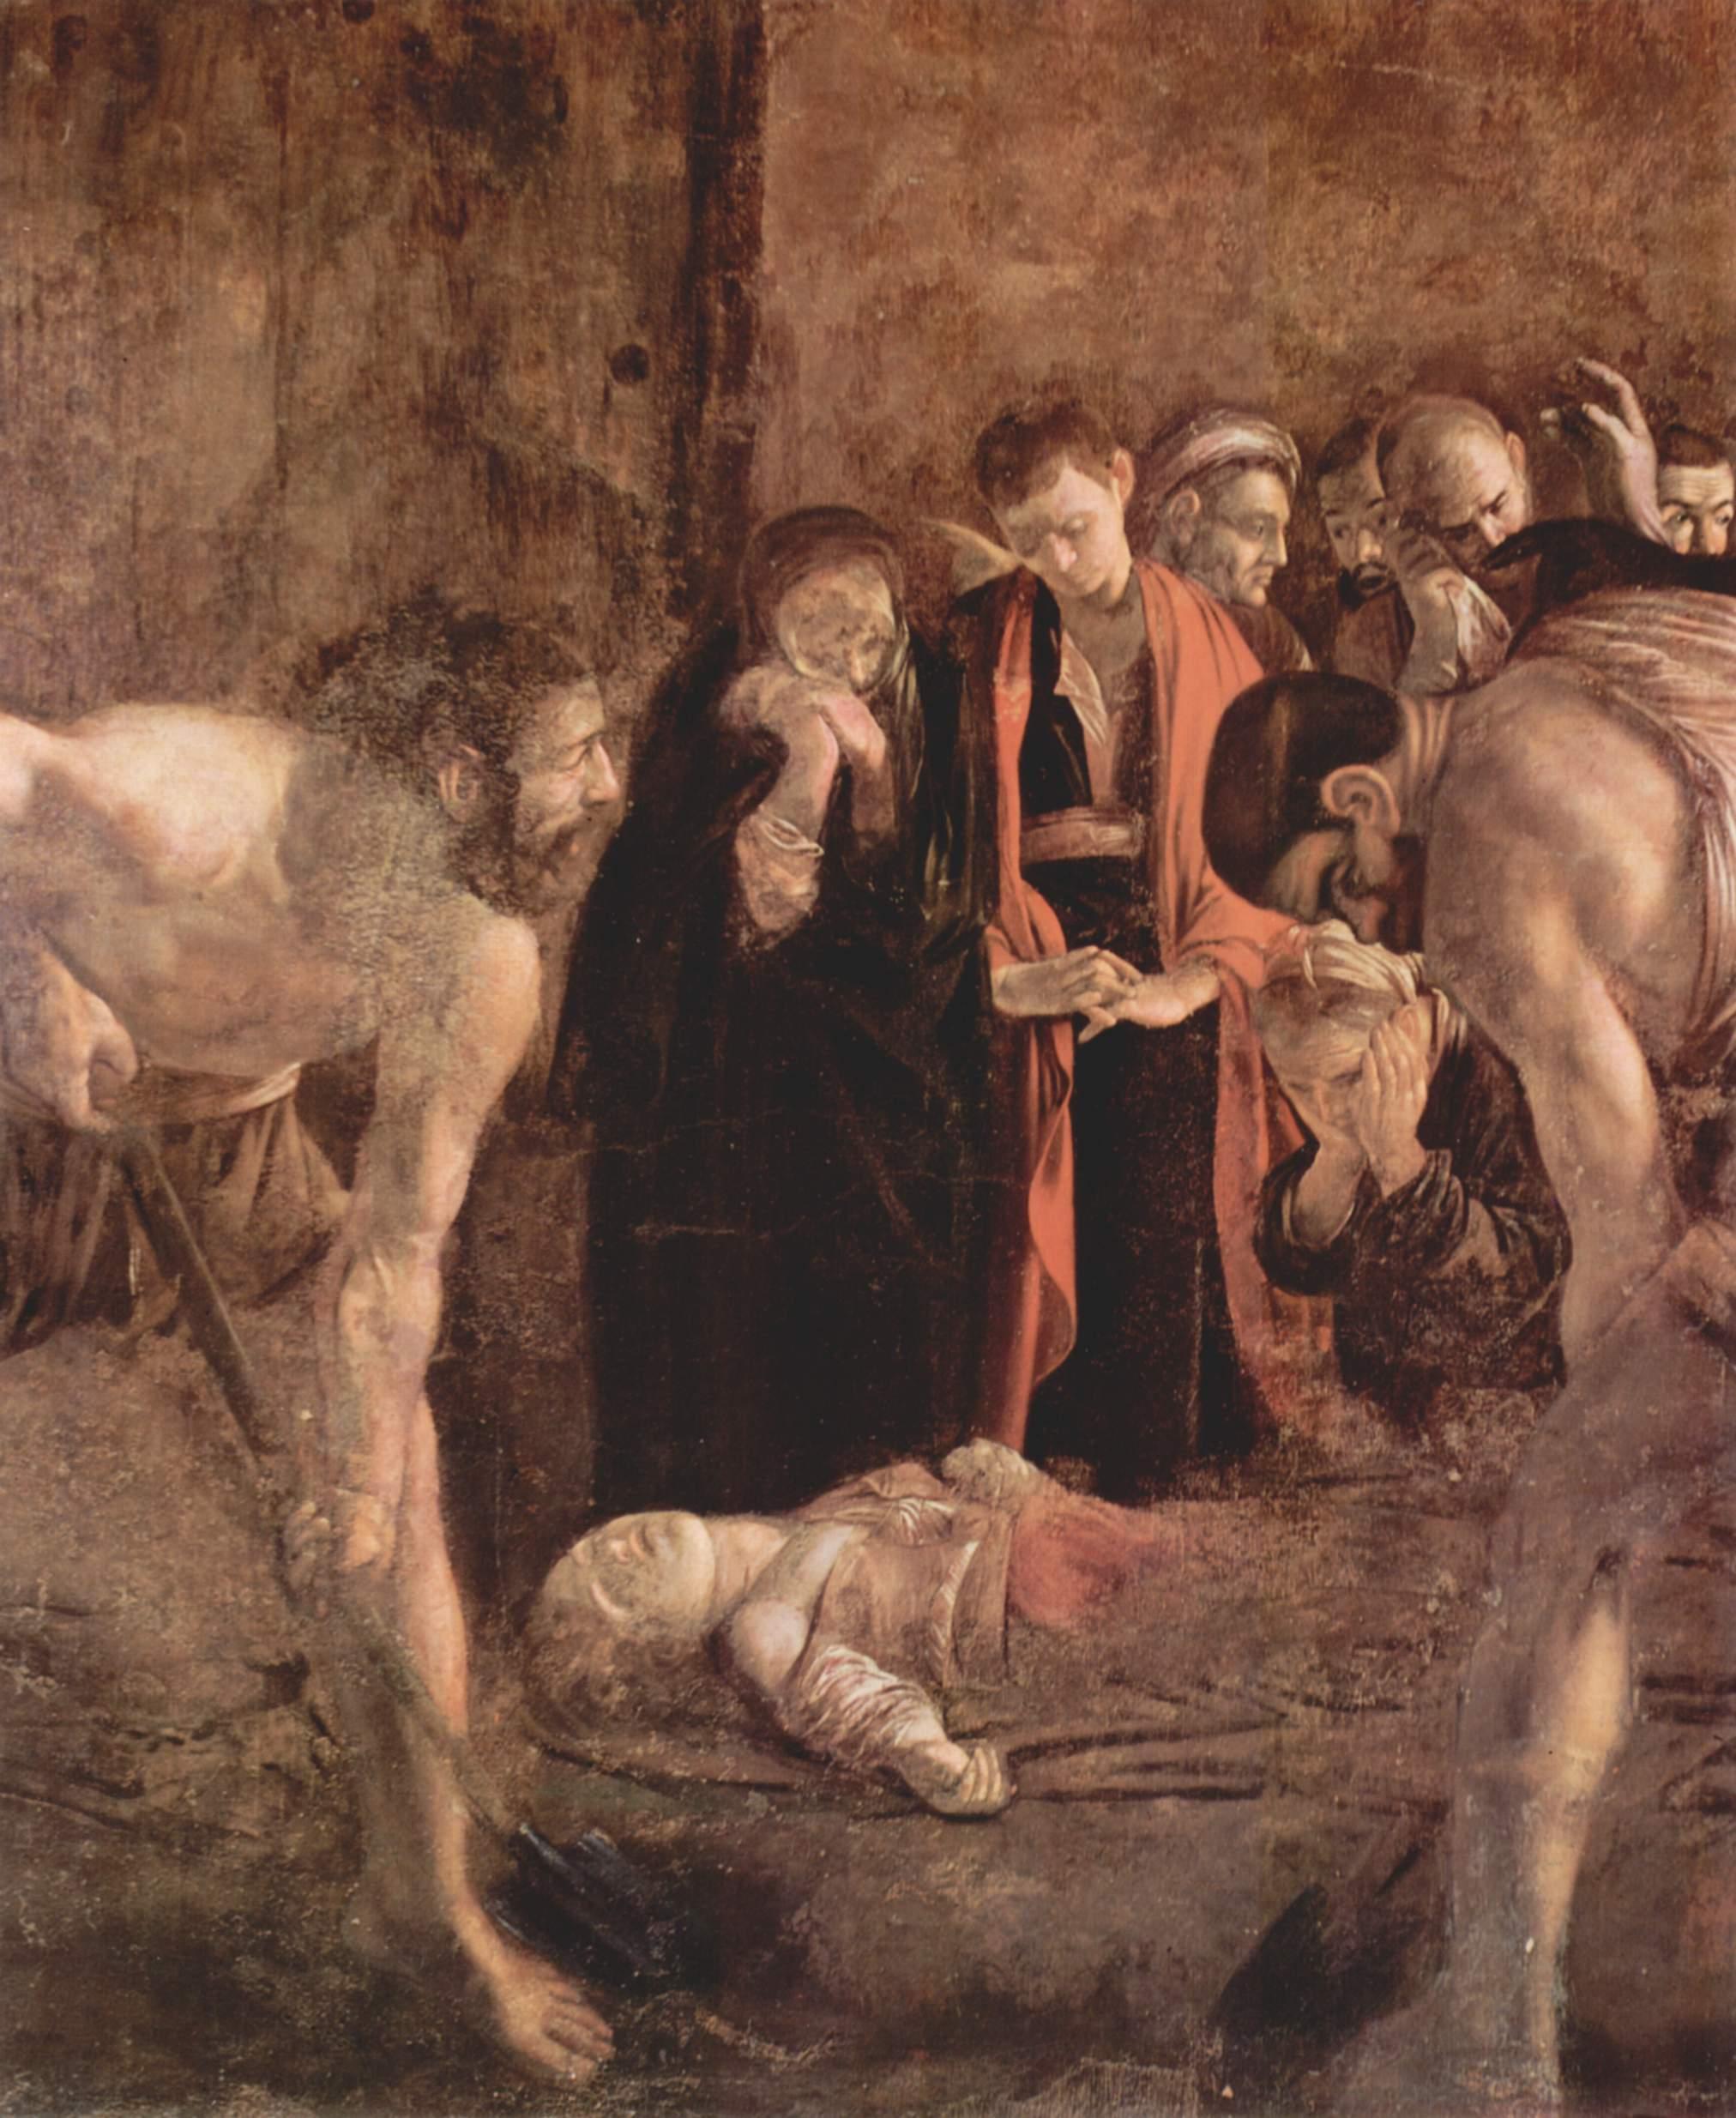 Погребение св. Лучии, Микеланджело Меризи де Караваджо